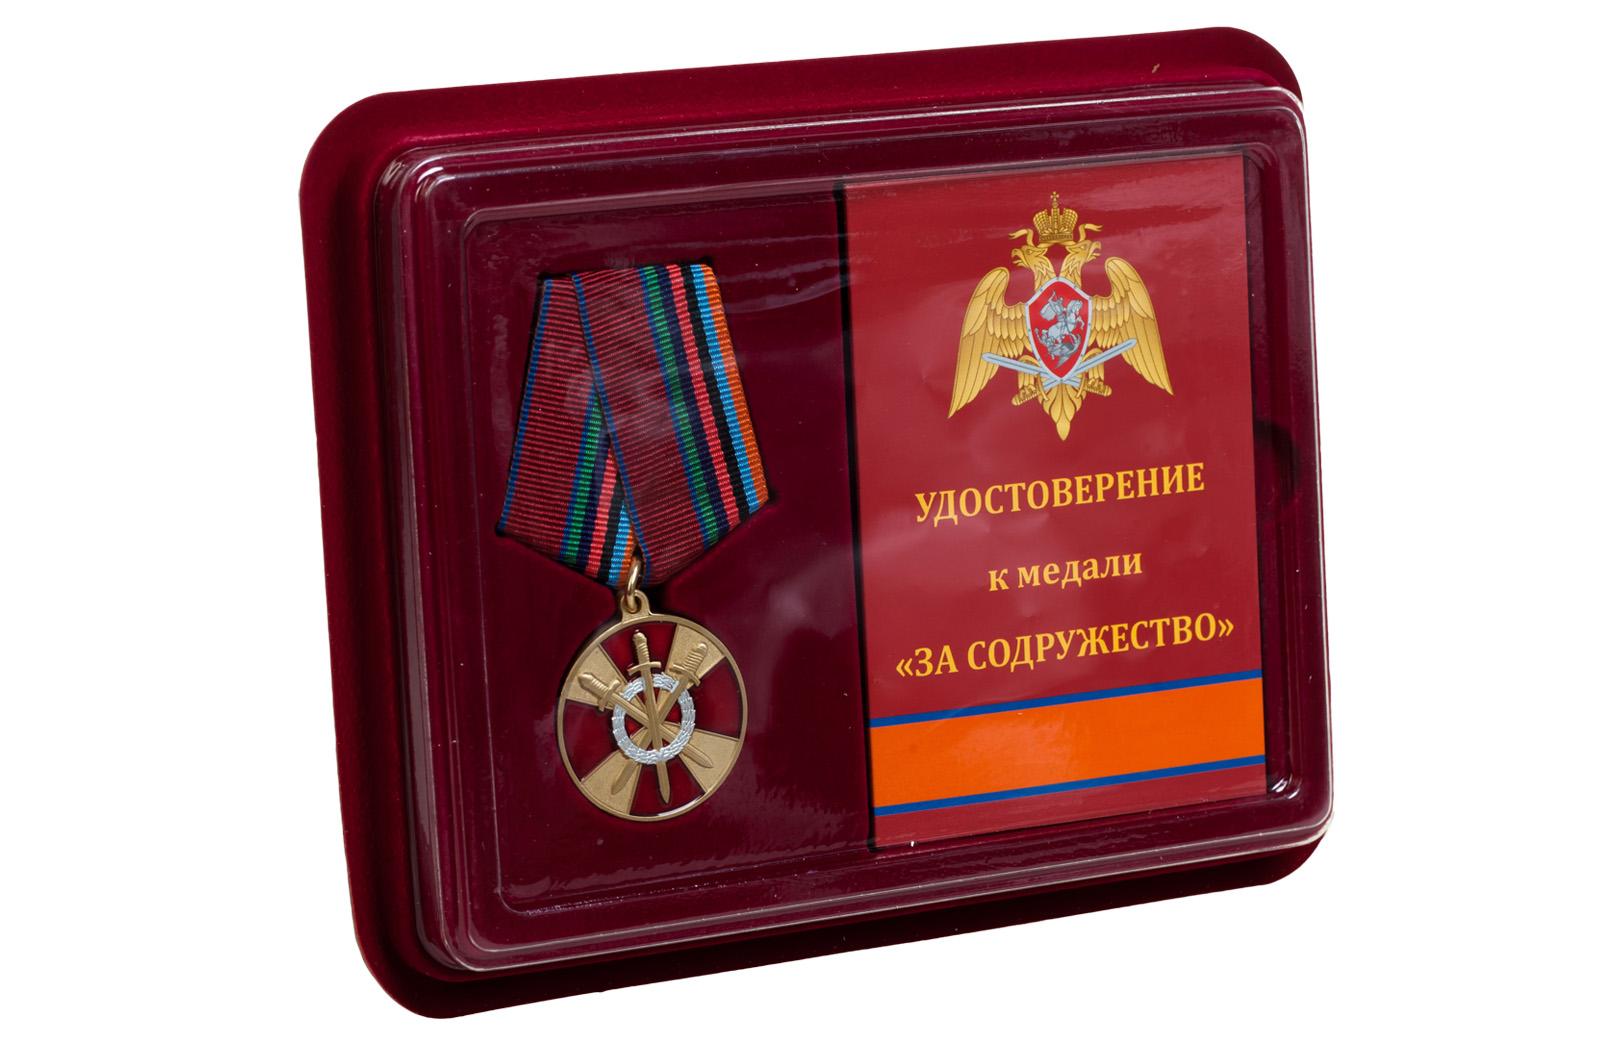 Купить медаль За боевое содружество Росгвардия оптом или в розницу